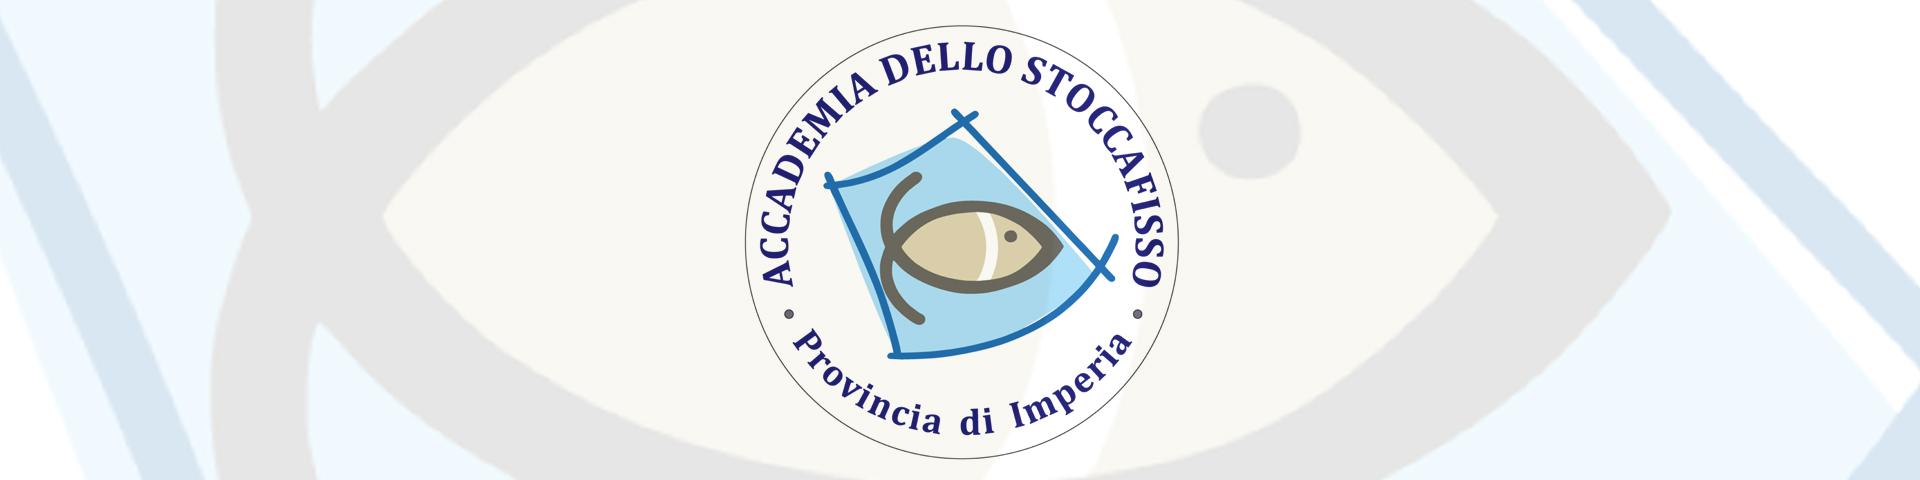 stoccafisso